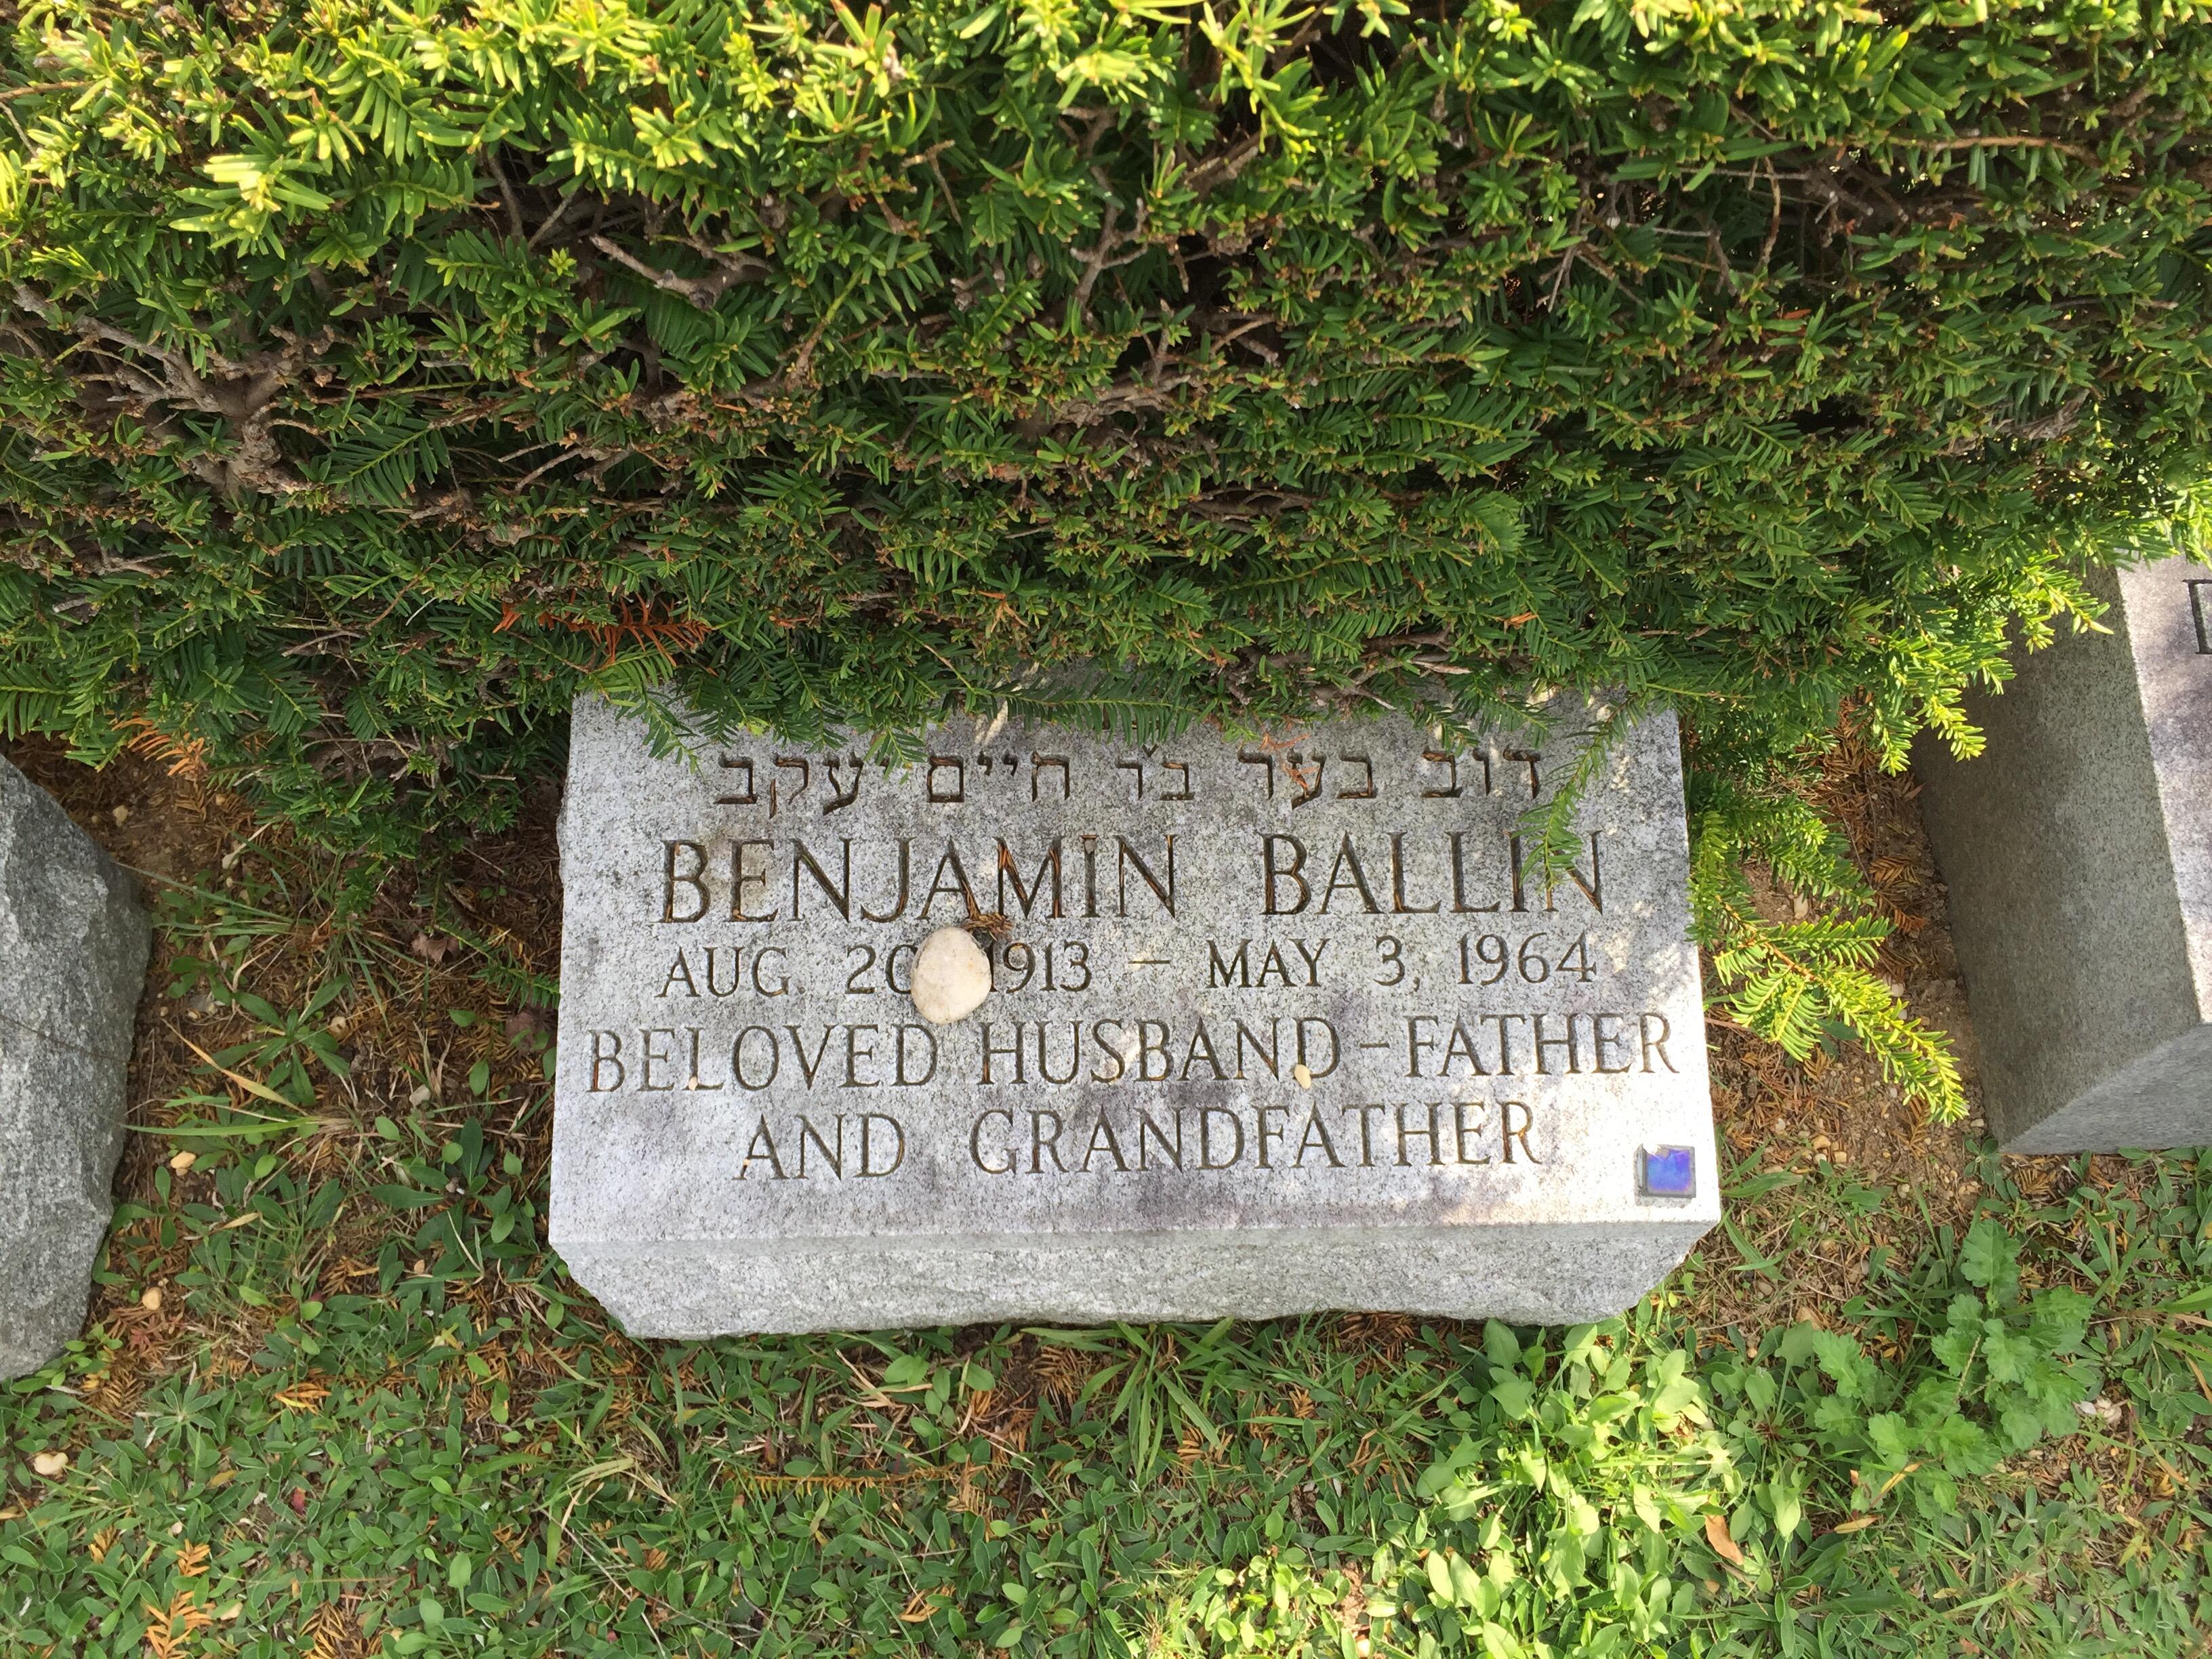 Benjamin Ballin